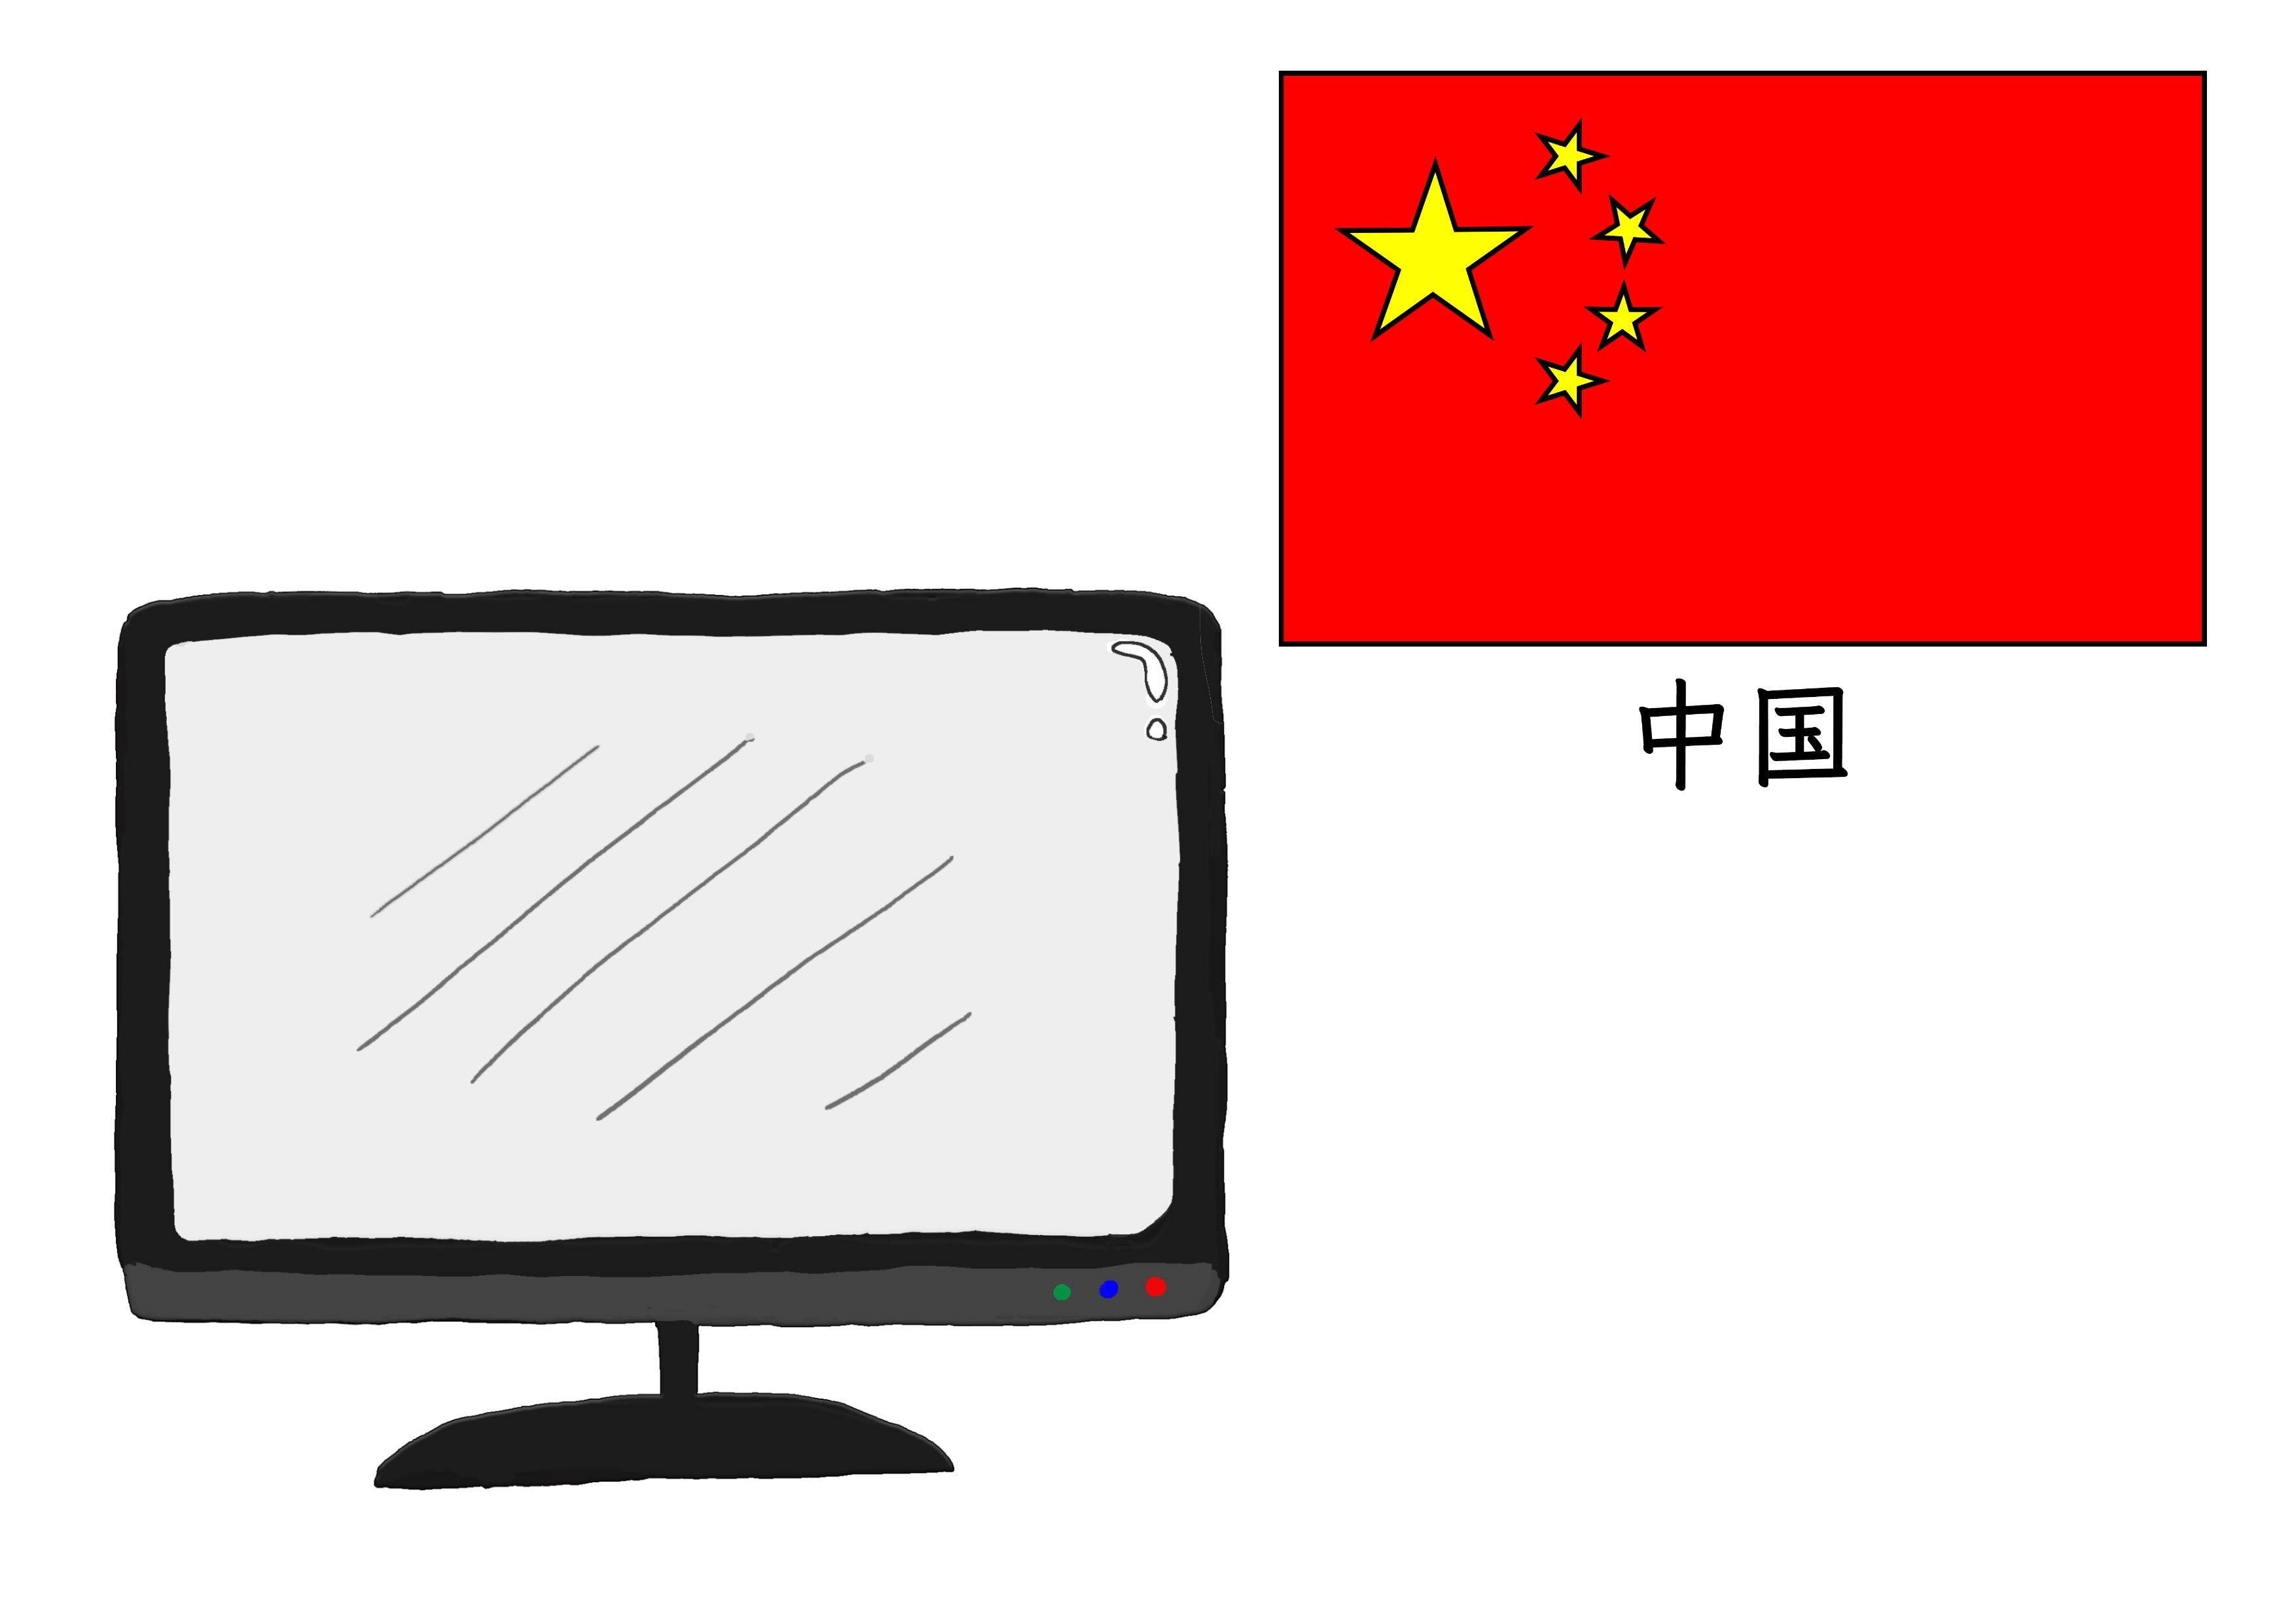 3課イラスト【中国のテレビ】